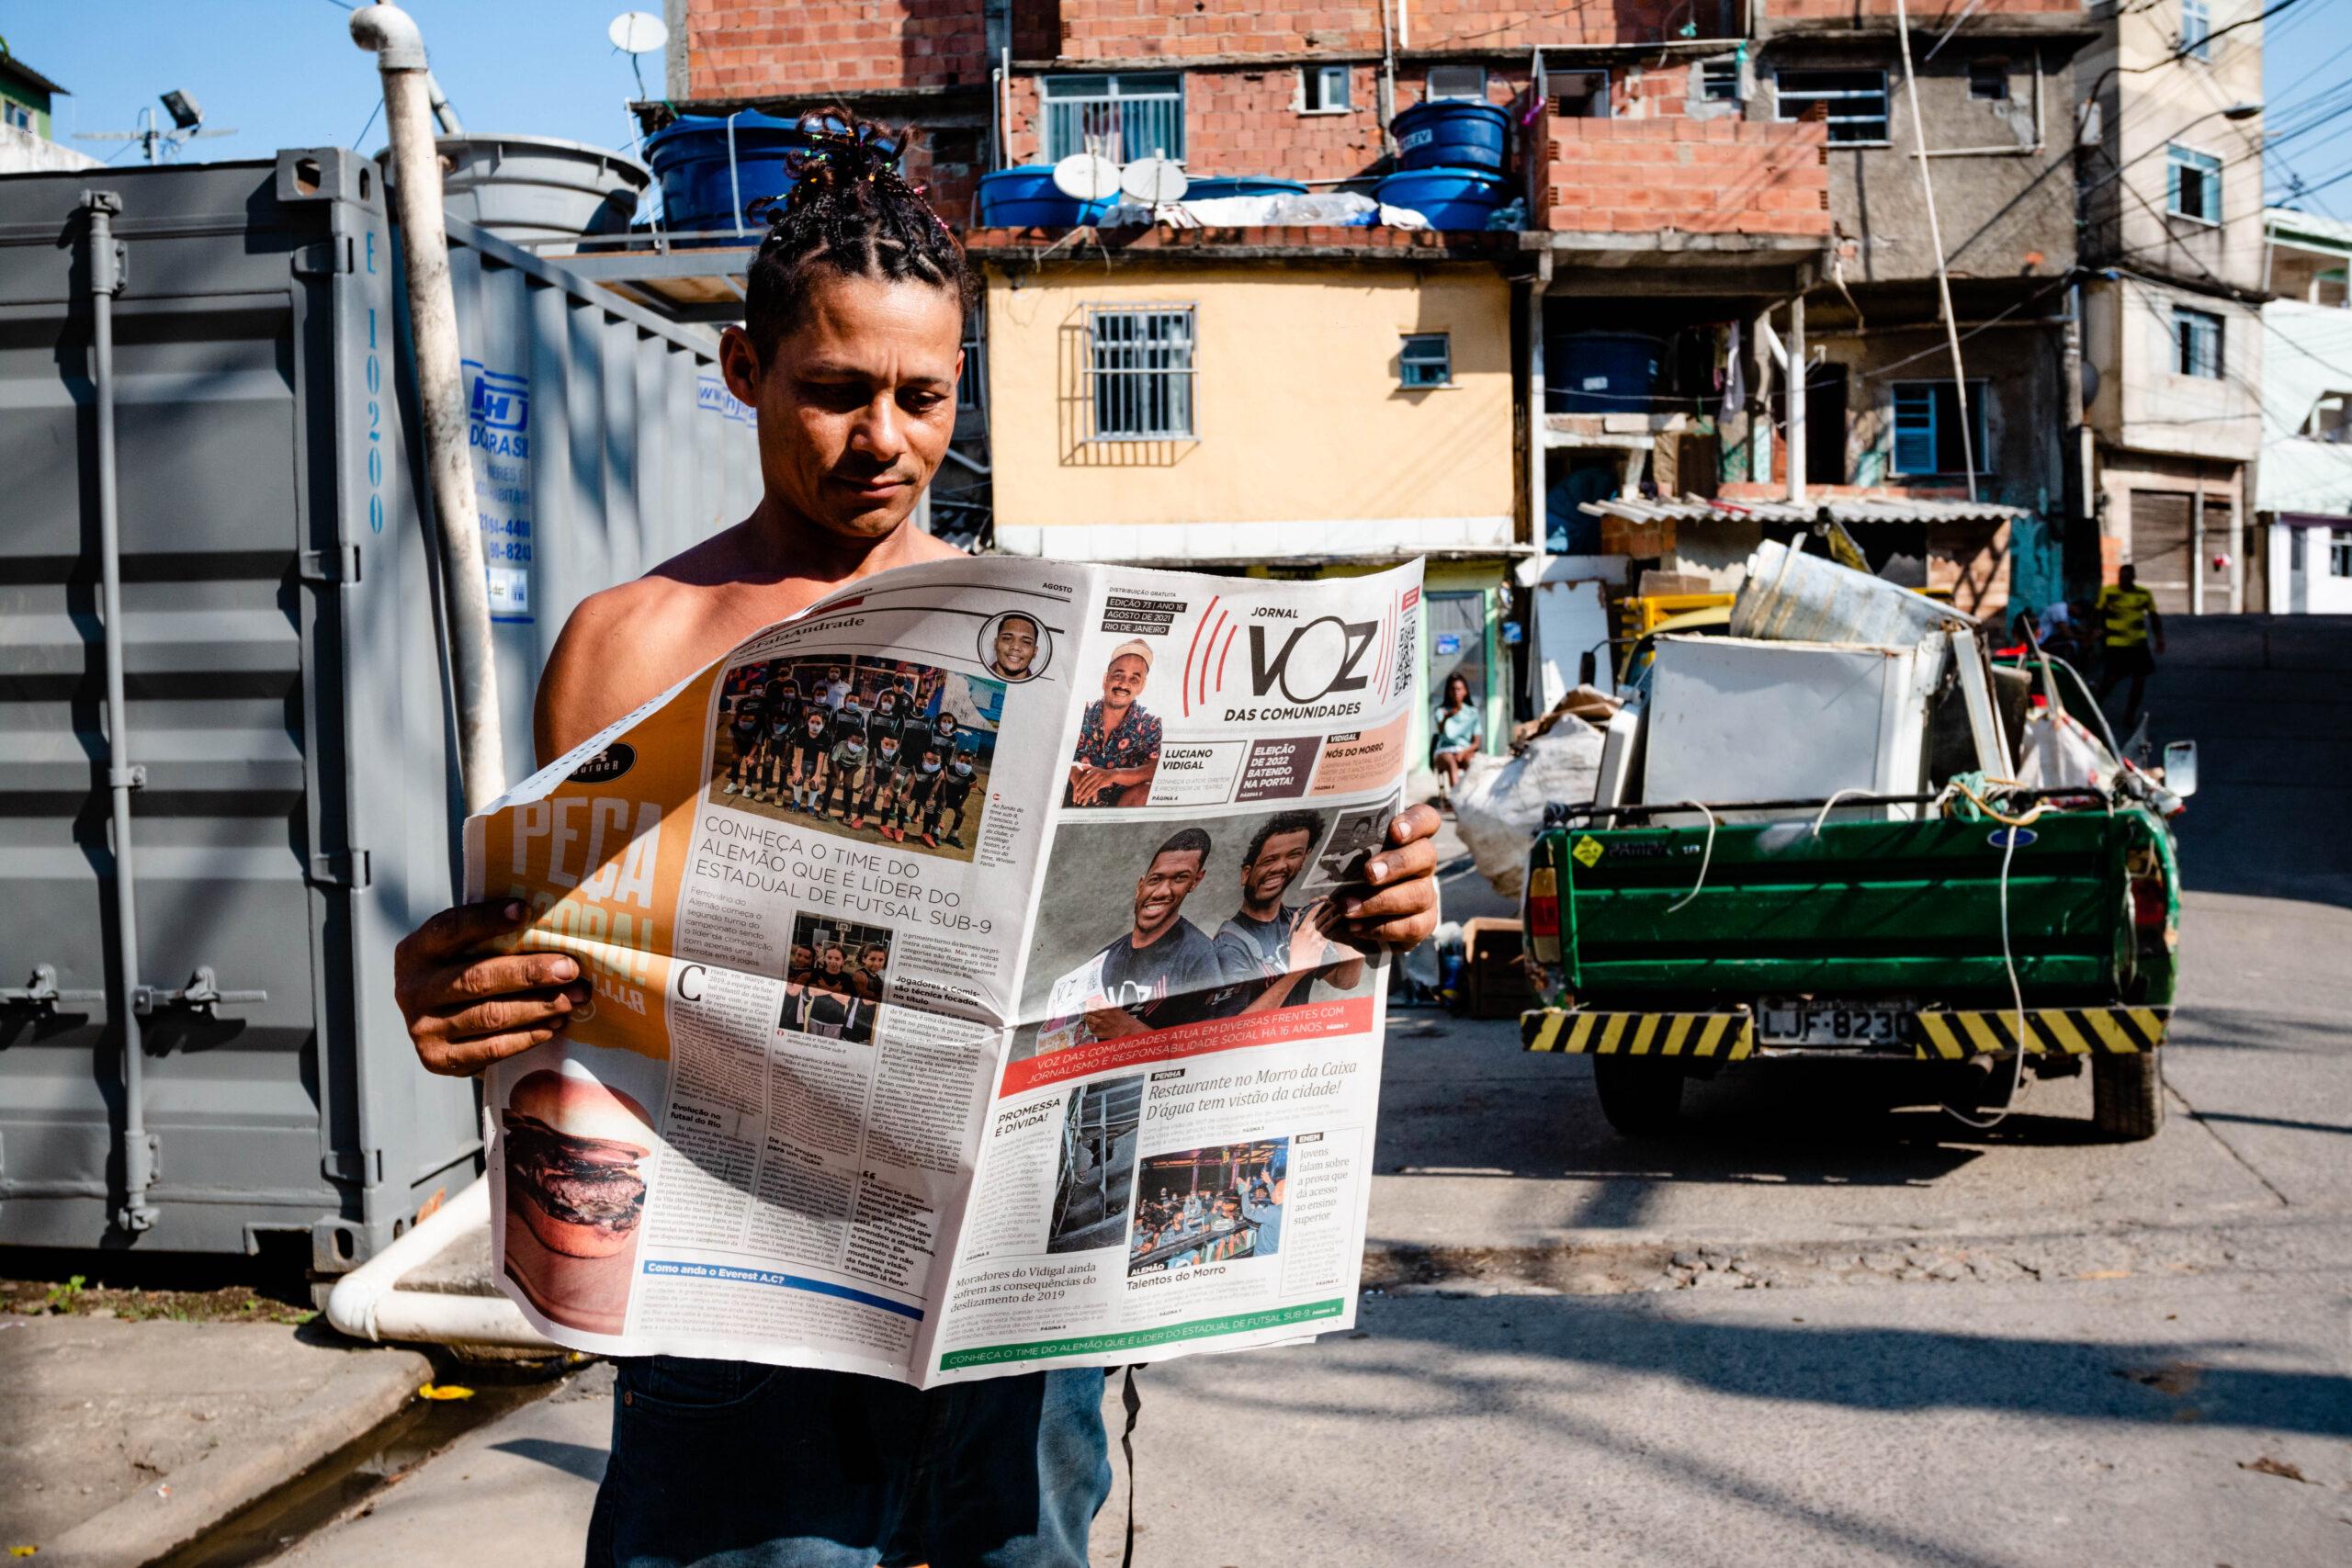 Em novo formato, jornal do Voz das Comunidades começa a circular no Vidigal